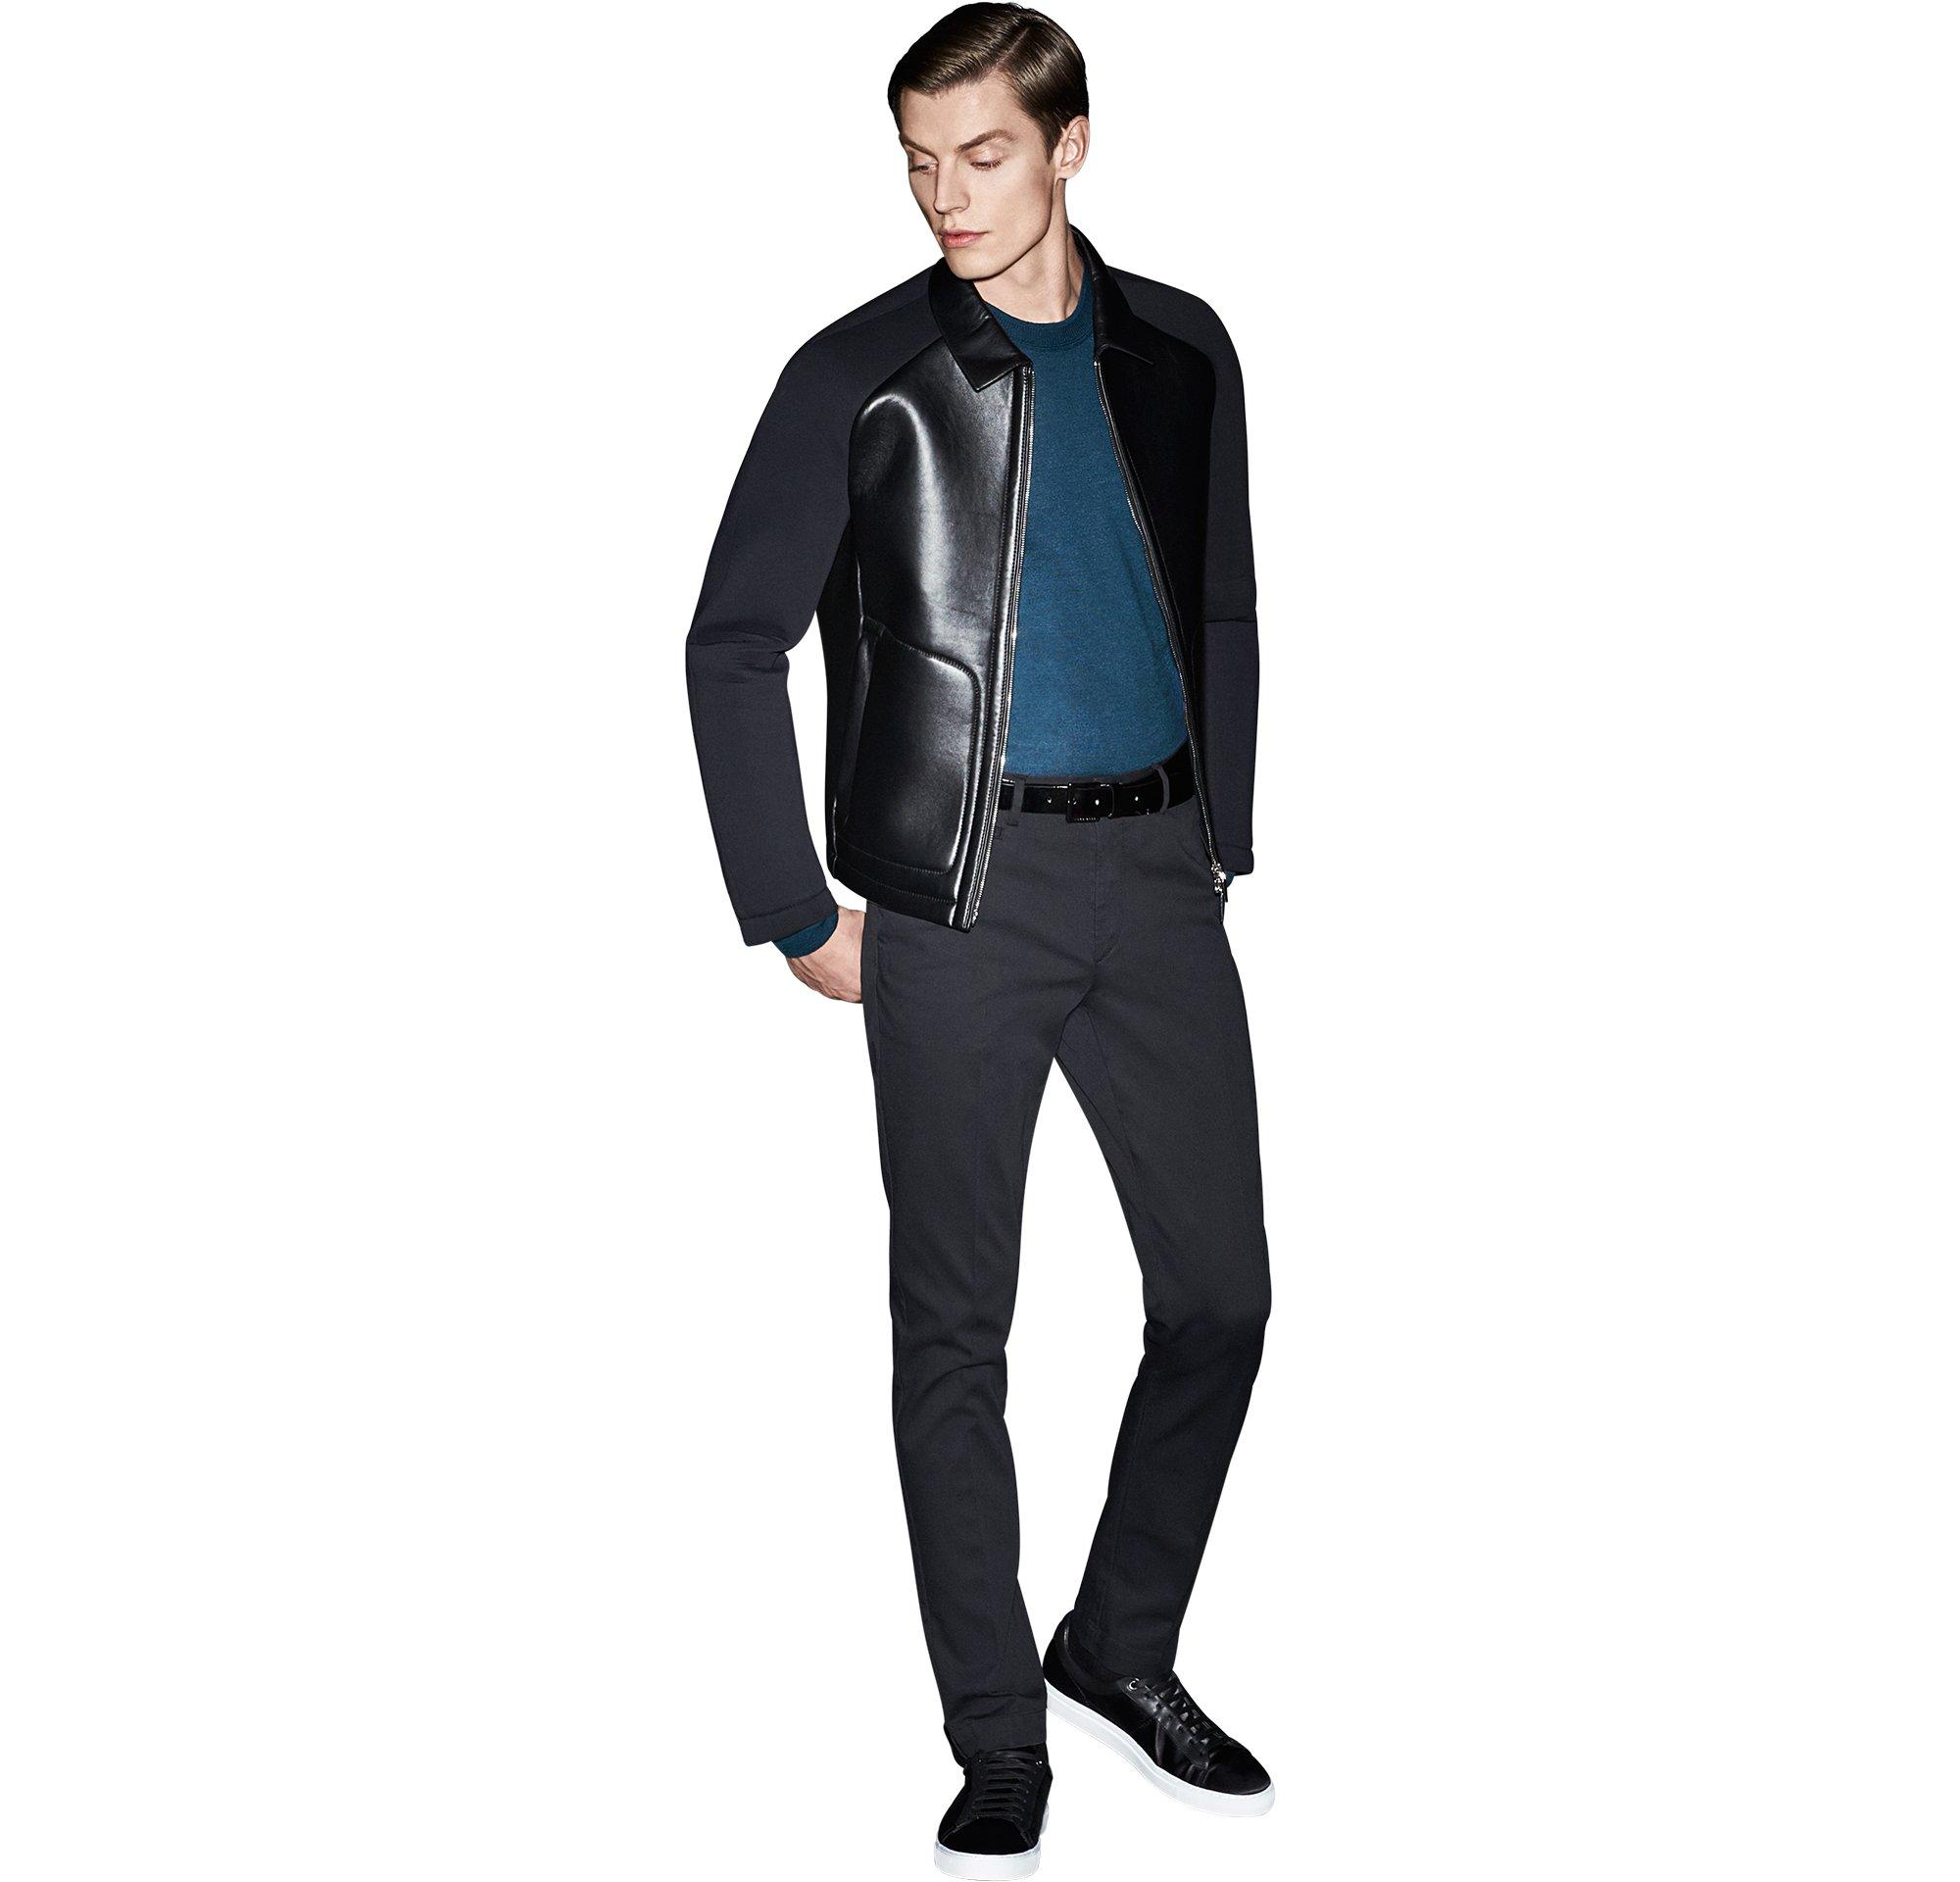 Schwarze Lederjacke über blauem Strickoberteil, schwarze Hose und schwarze Schuhe von BOSS